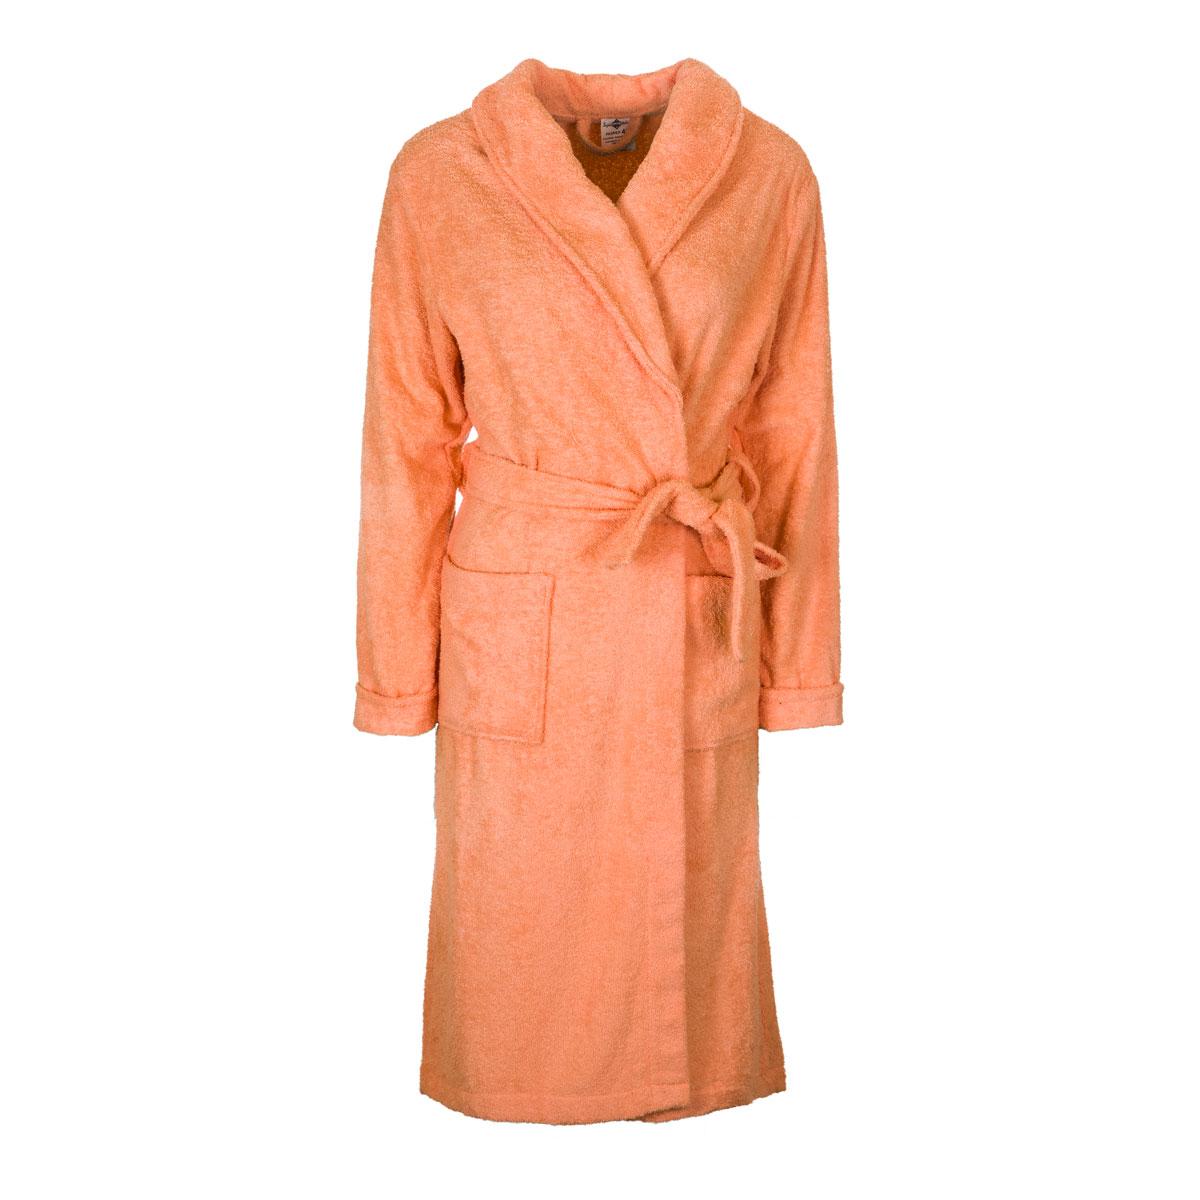 Жен. халат арт. 04-0090 Персиковый р. 50Распродажа женской одежды<br><br><br>Тип: Жен. халат<br>Размер: 50<br>Материал: Махра